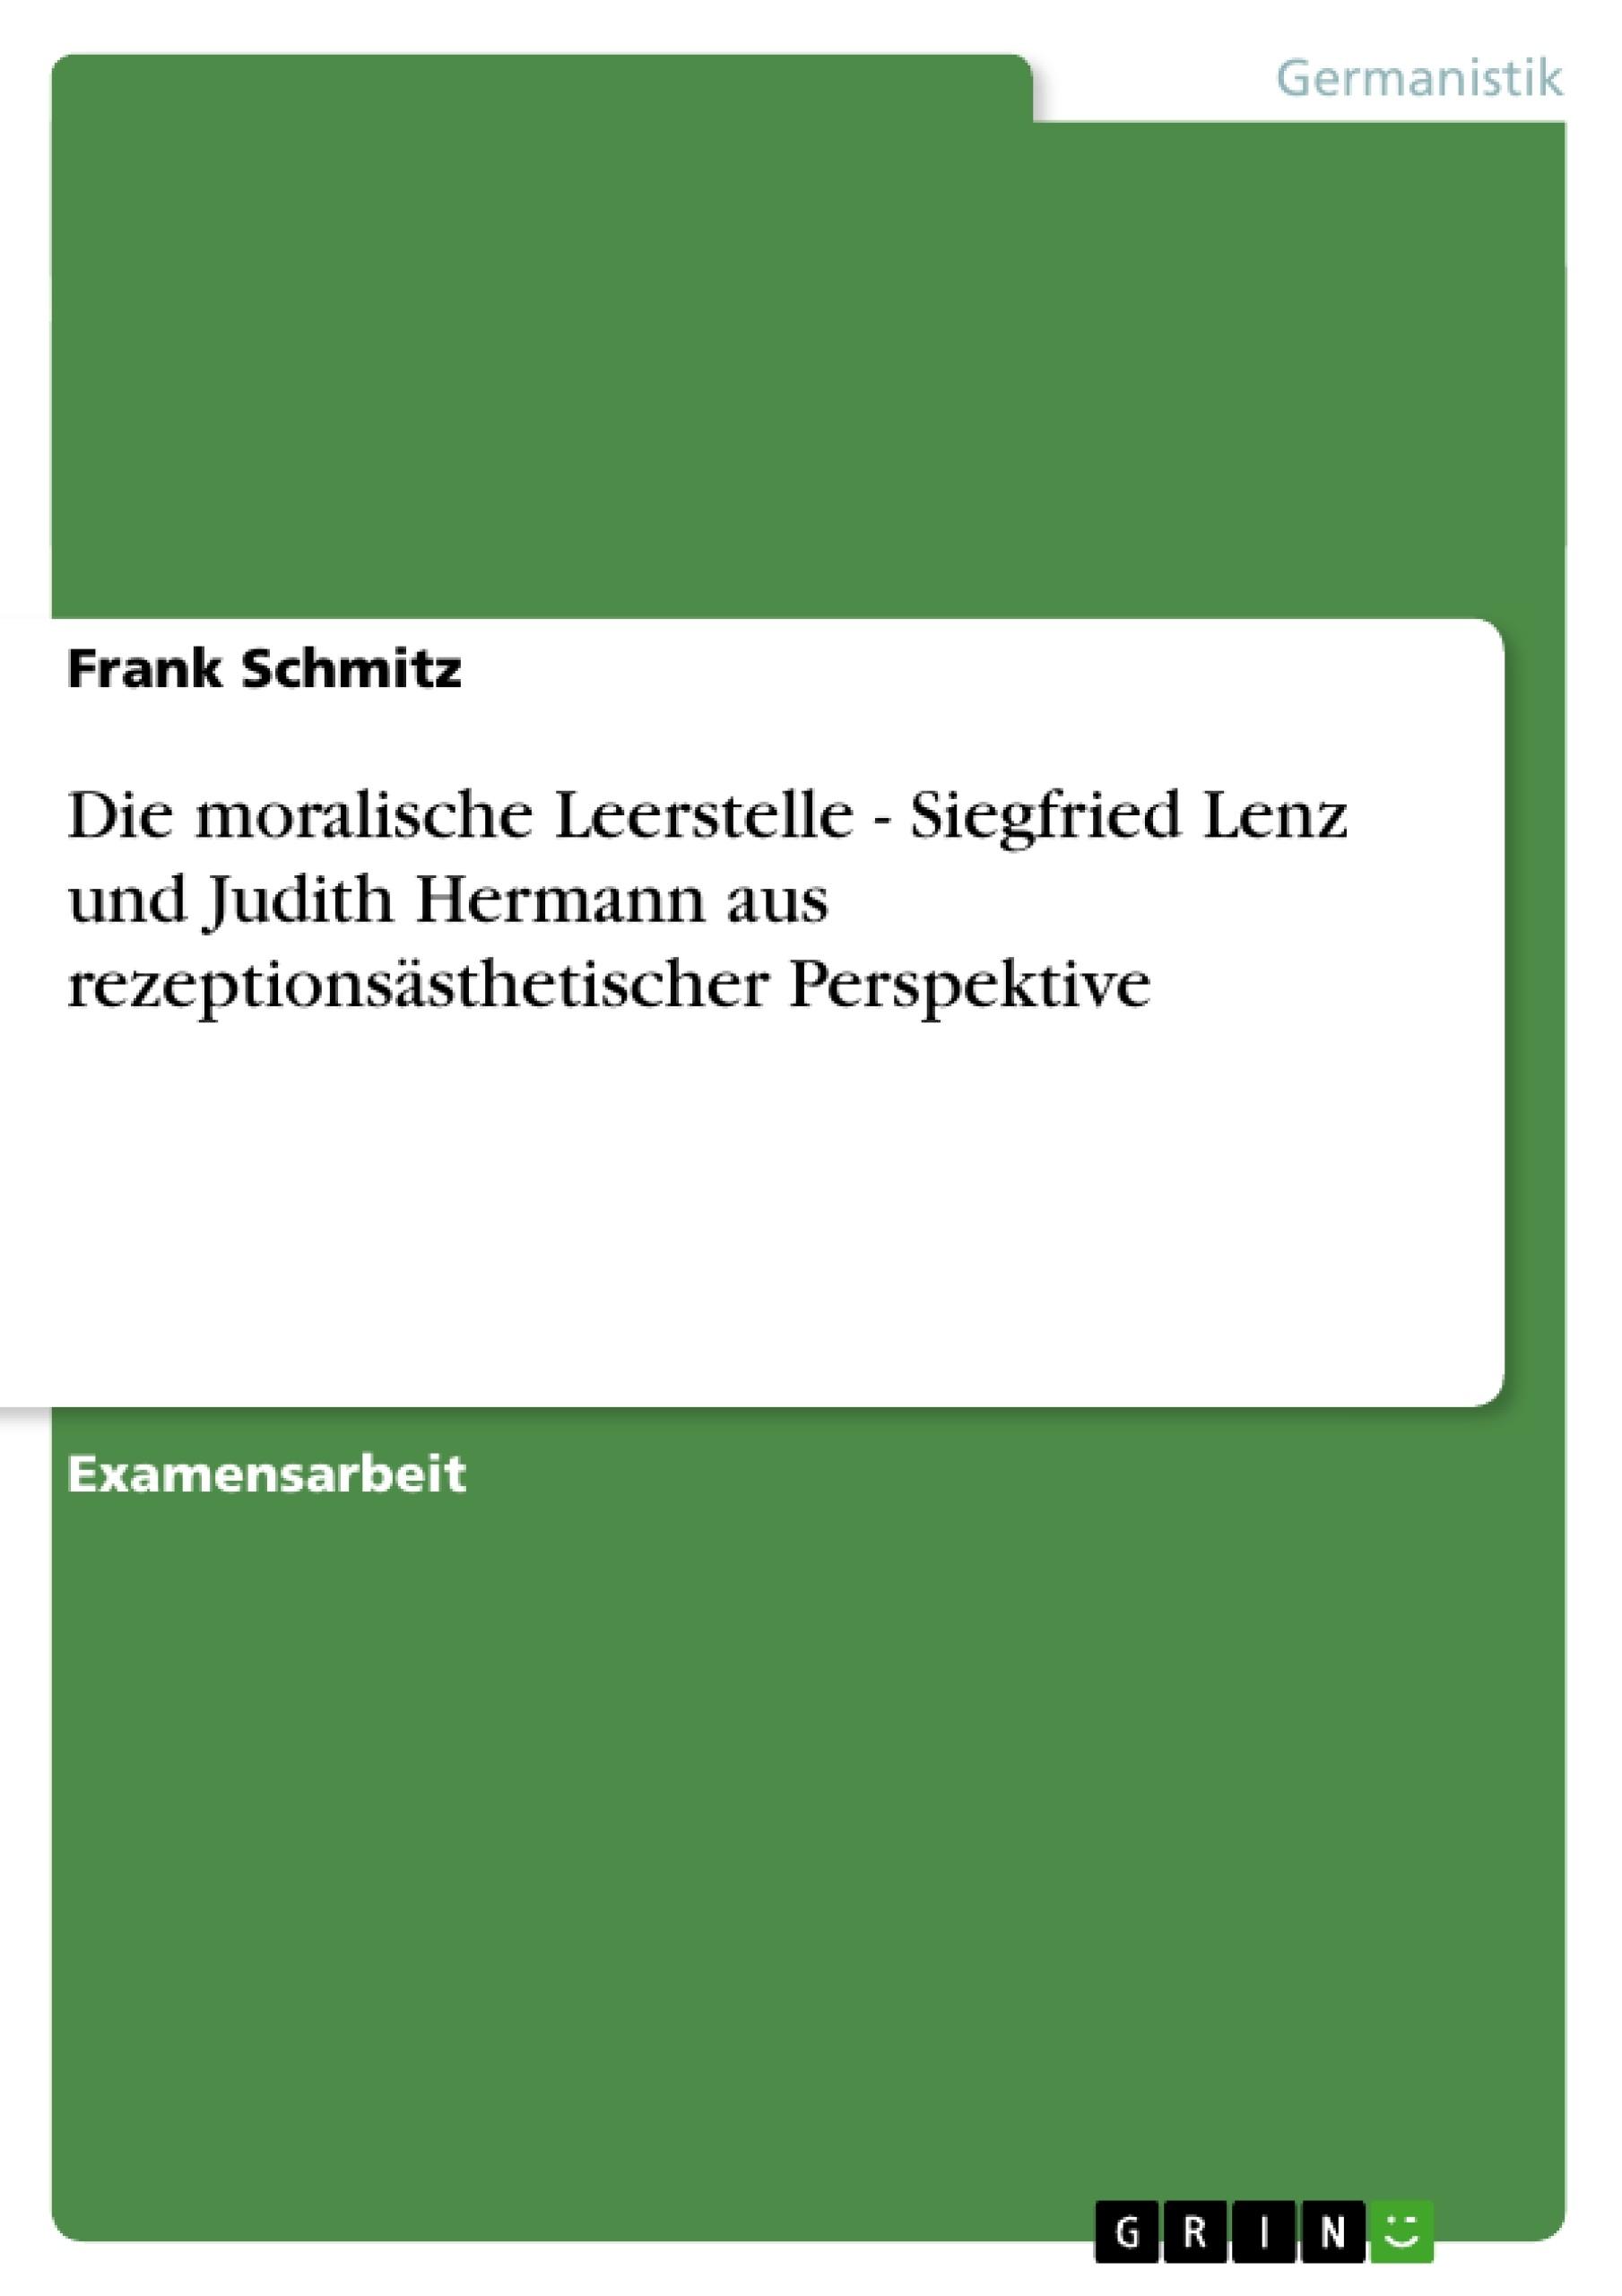 Titel: Die moralische Leerstelle - Siegfried Lenz und Judith Hermann aus rezeptionsästhetischer Perspektive